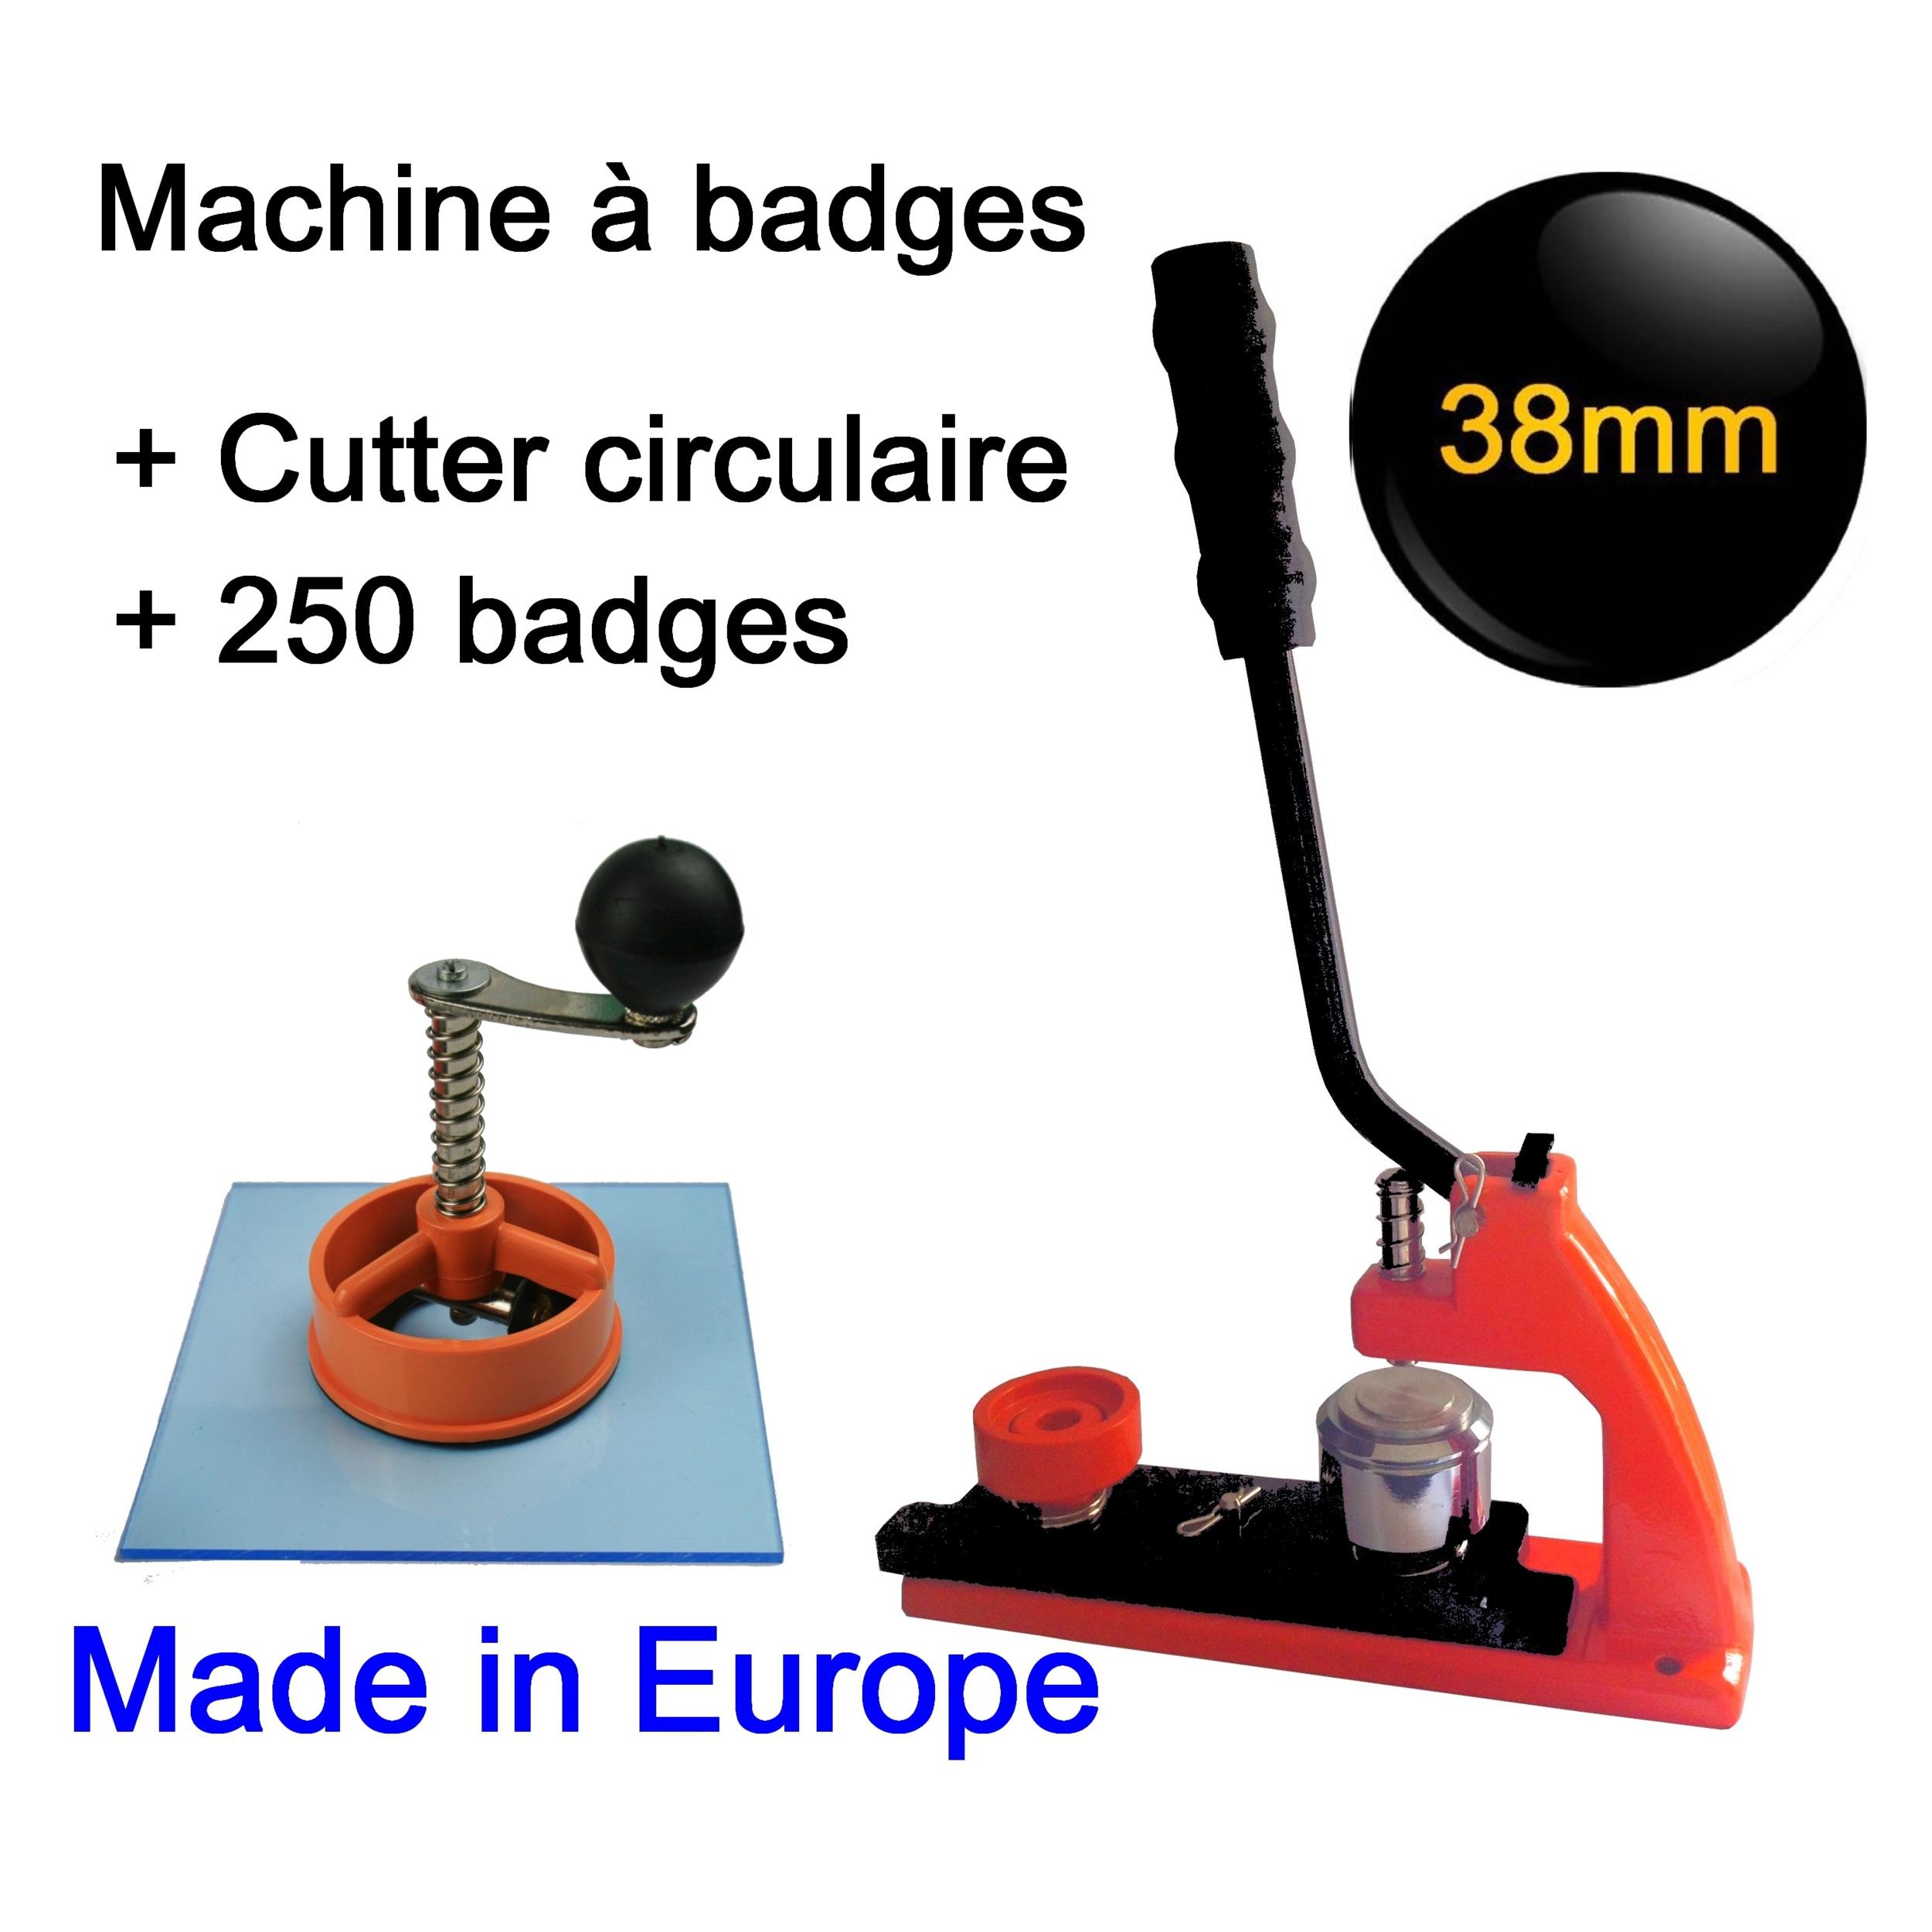 Machine presse badges 38mm cutter 250 badges - Machine pour faire des badges ...